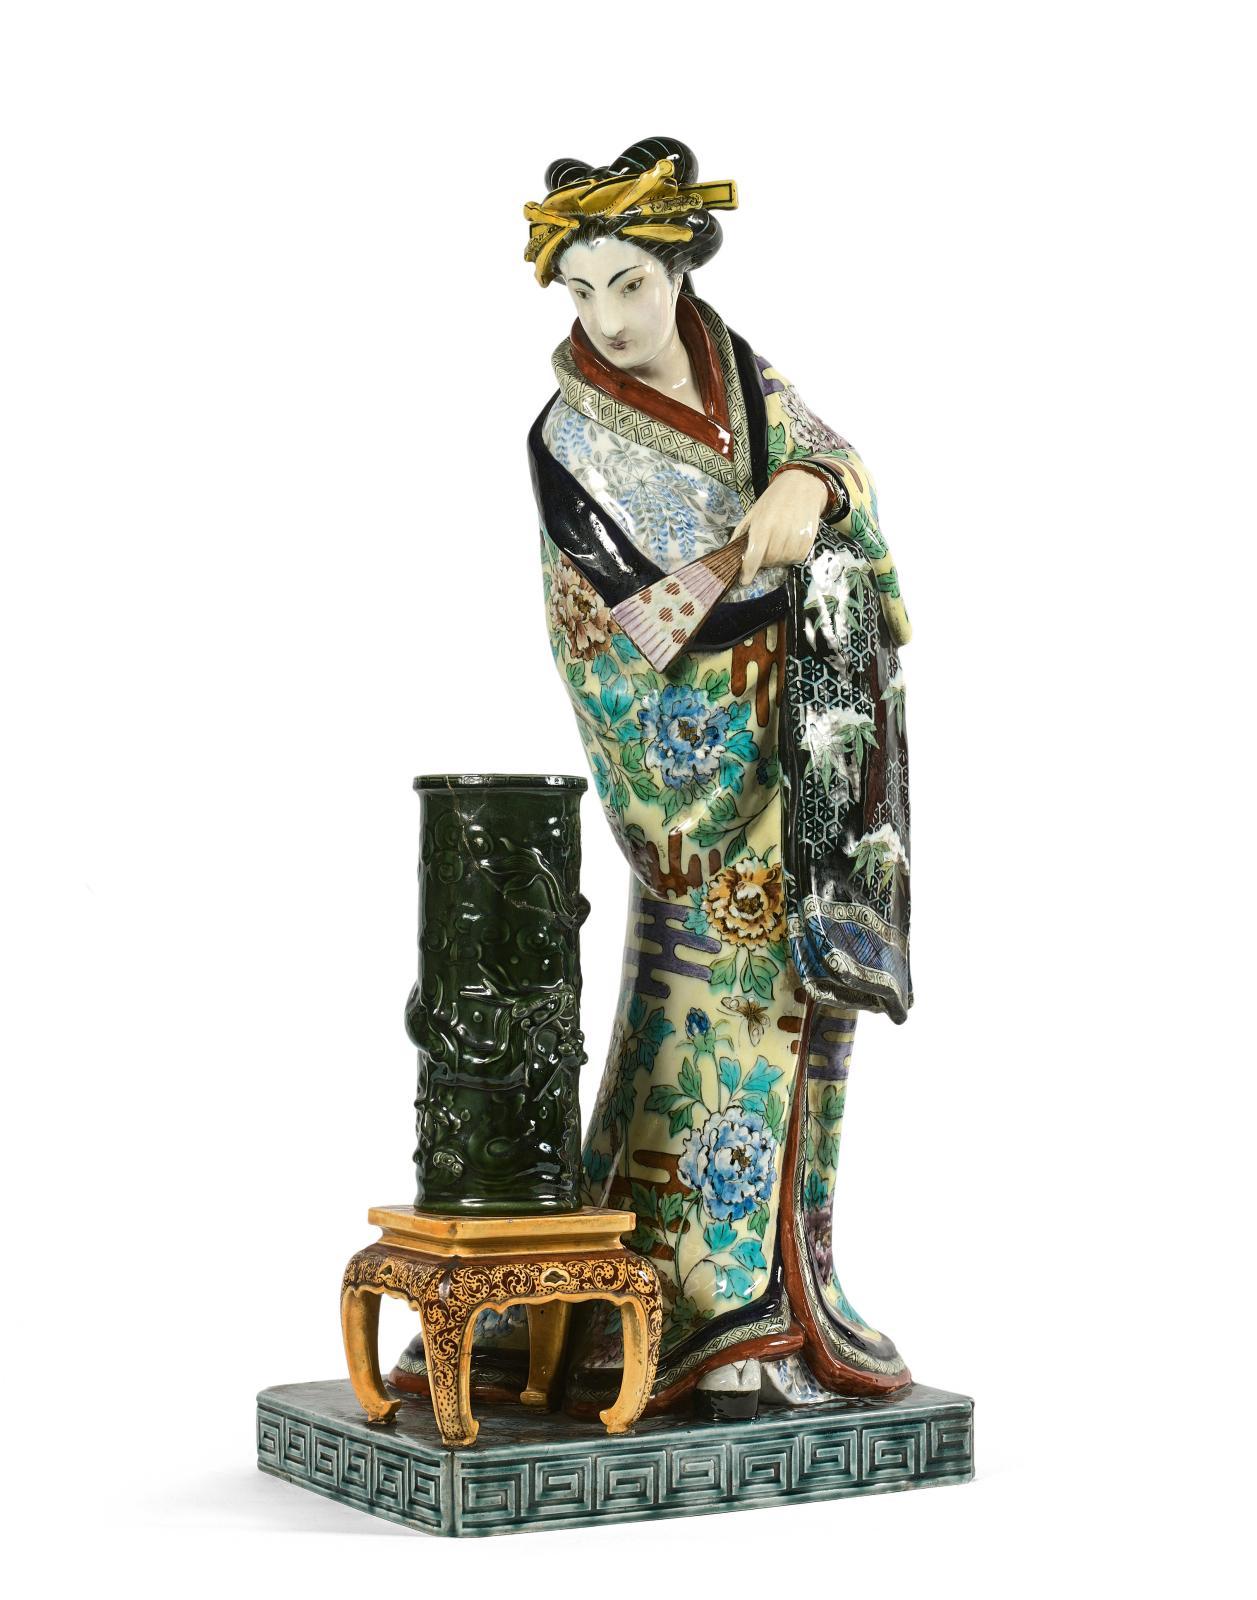 Théodore Deck (faïencier) et Émile Reiber (1826-1894) (dessinateur), La Japonaise, groupe en faïence émaillée polychrome figurant une japonaise debout